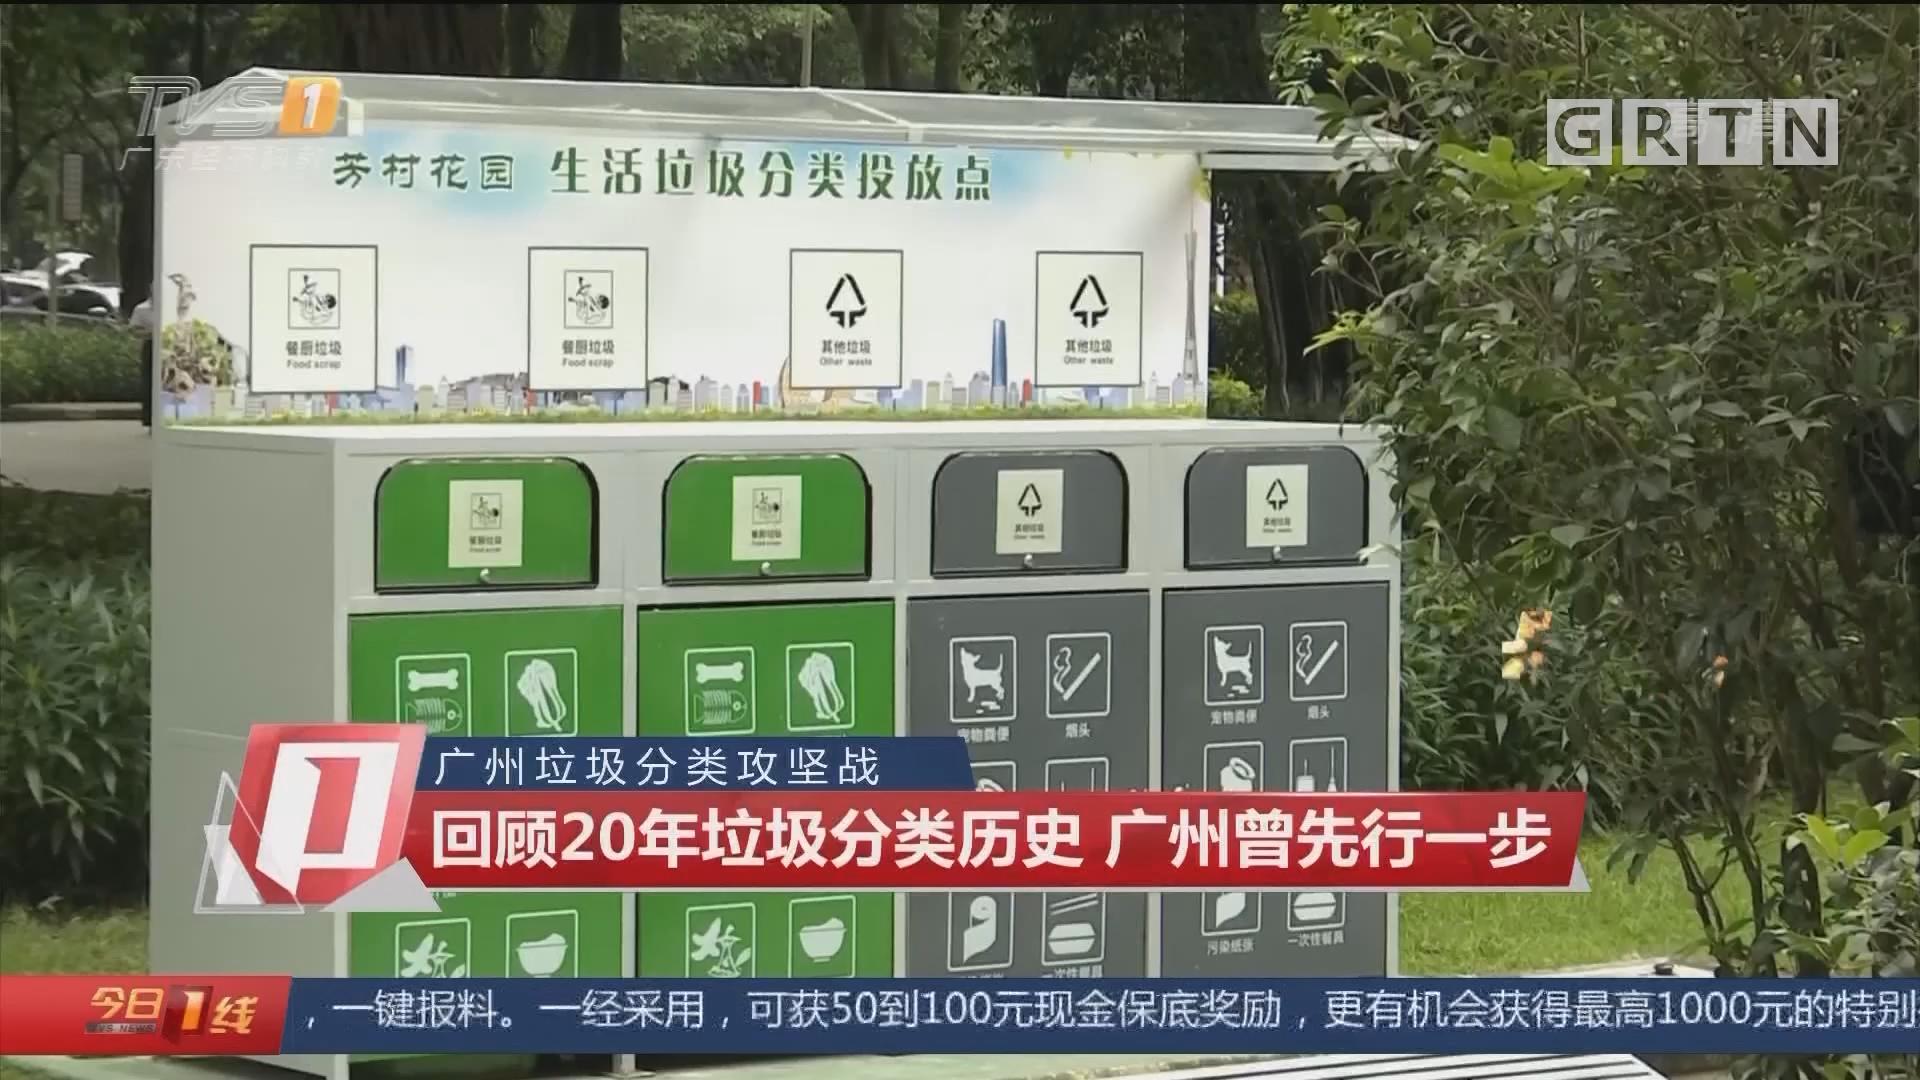 廣州垃圾分類攻堅戰:回顧20年垃圾分類歷史 廣州曾先行一步